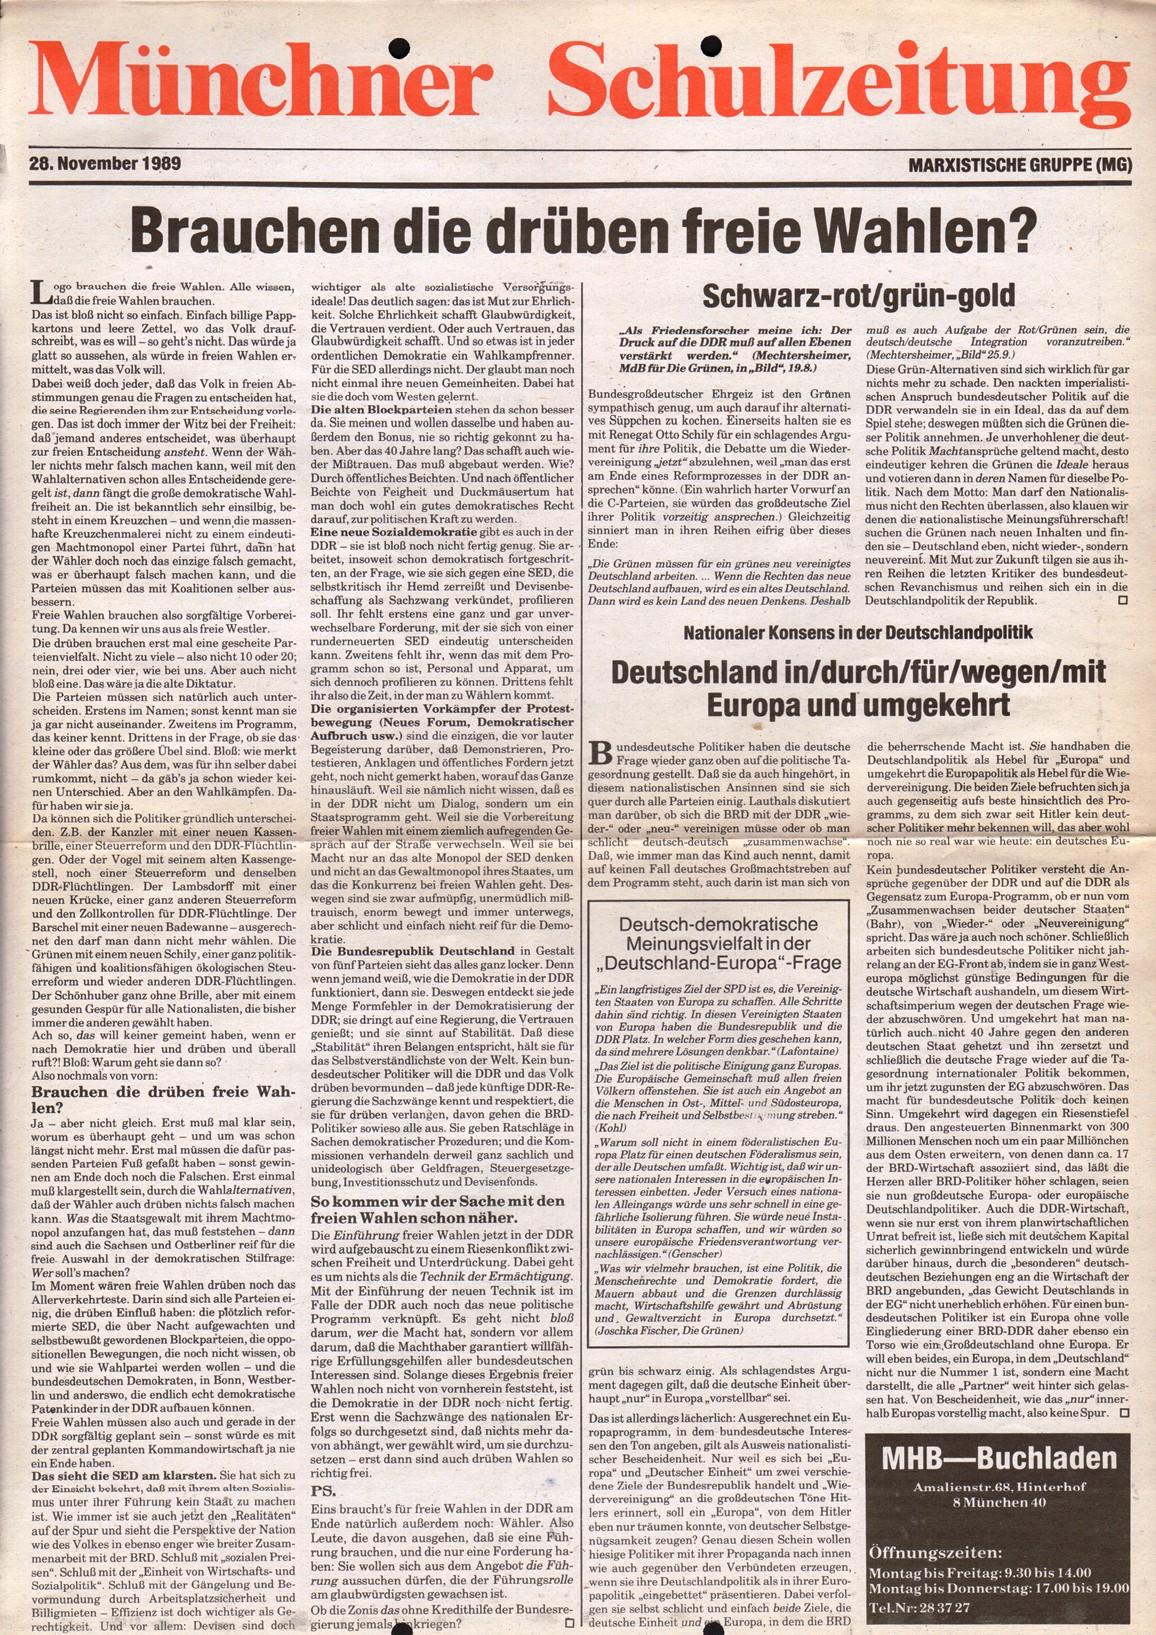 Muenchen_MG_Schulzeitung_19891128_01